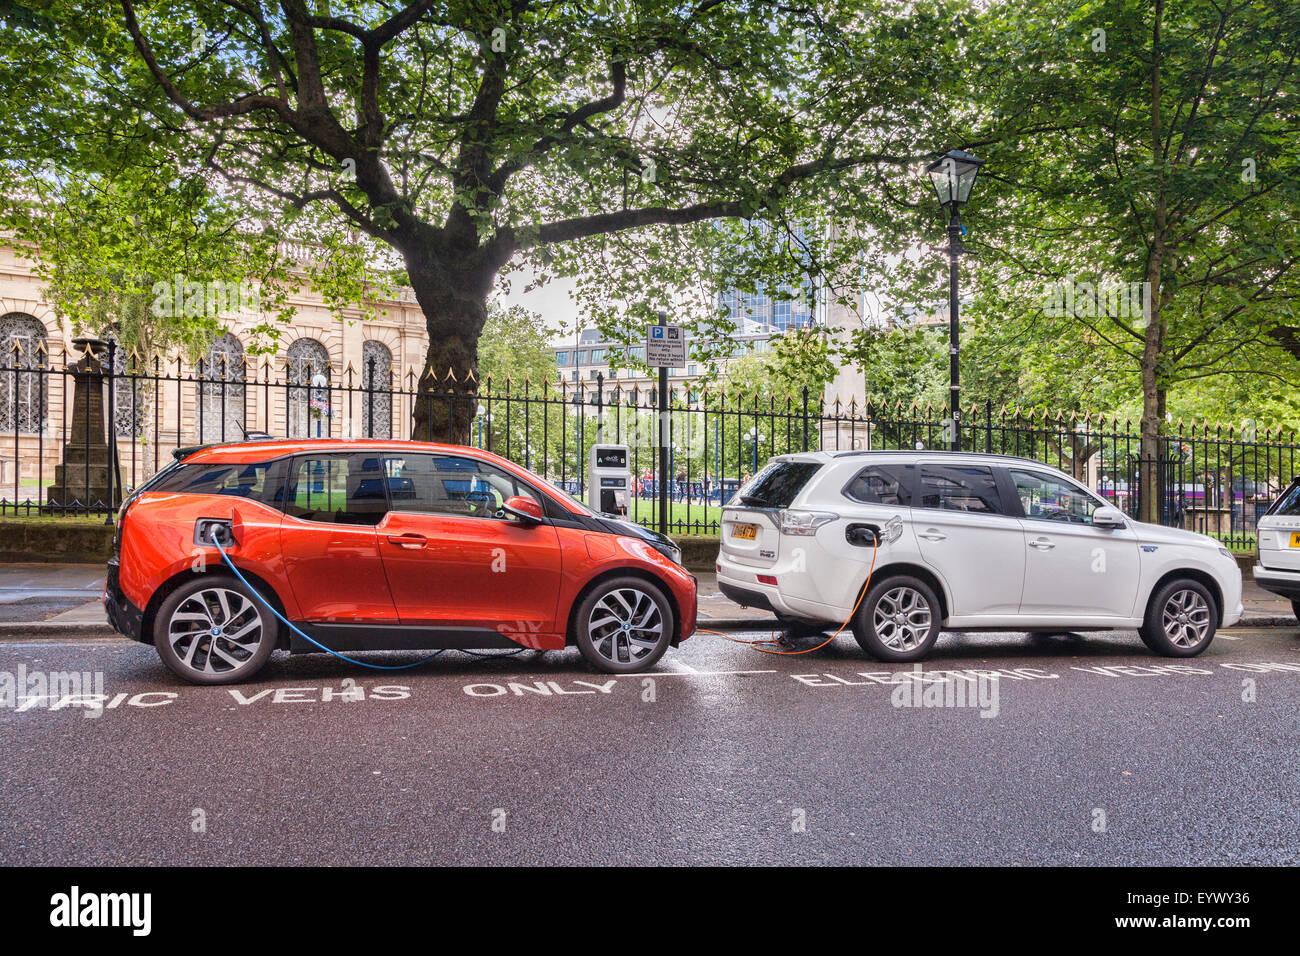 Los coches eléctricos está cargada en el centro de Birmingham, West Midlands, Inglaterra Imagen De Stock